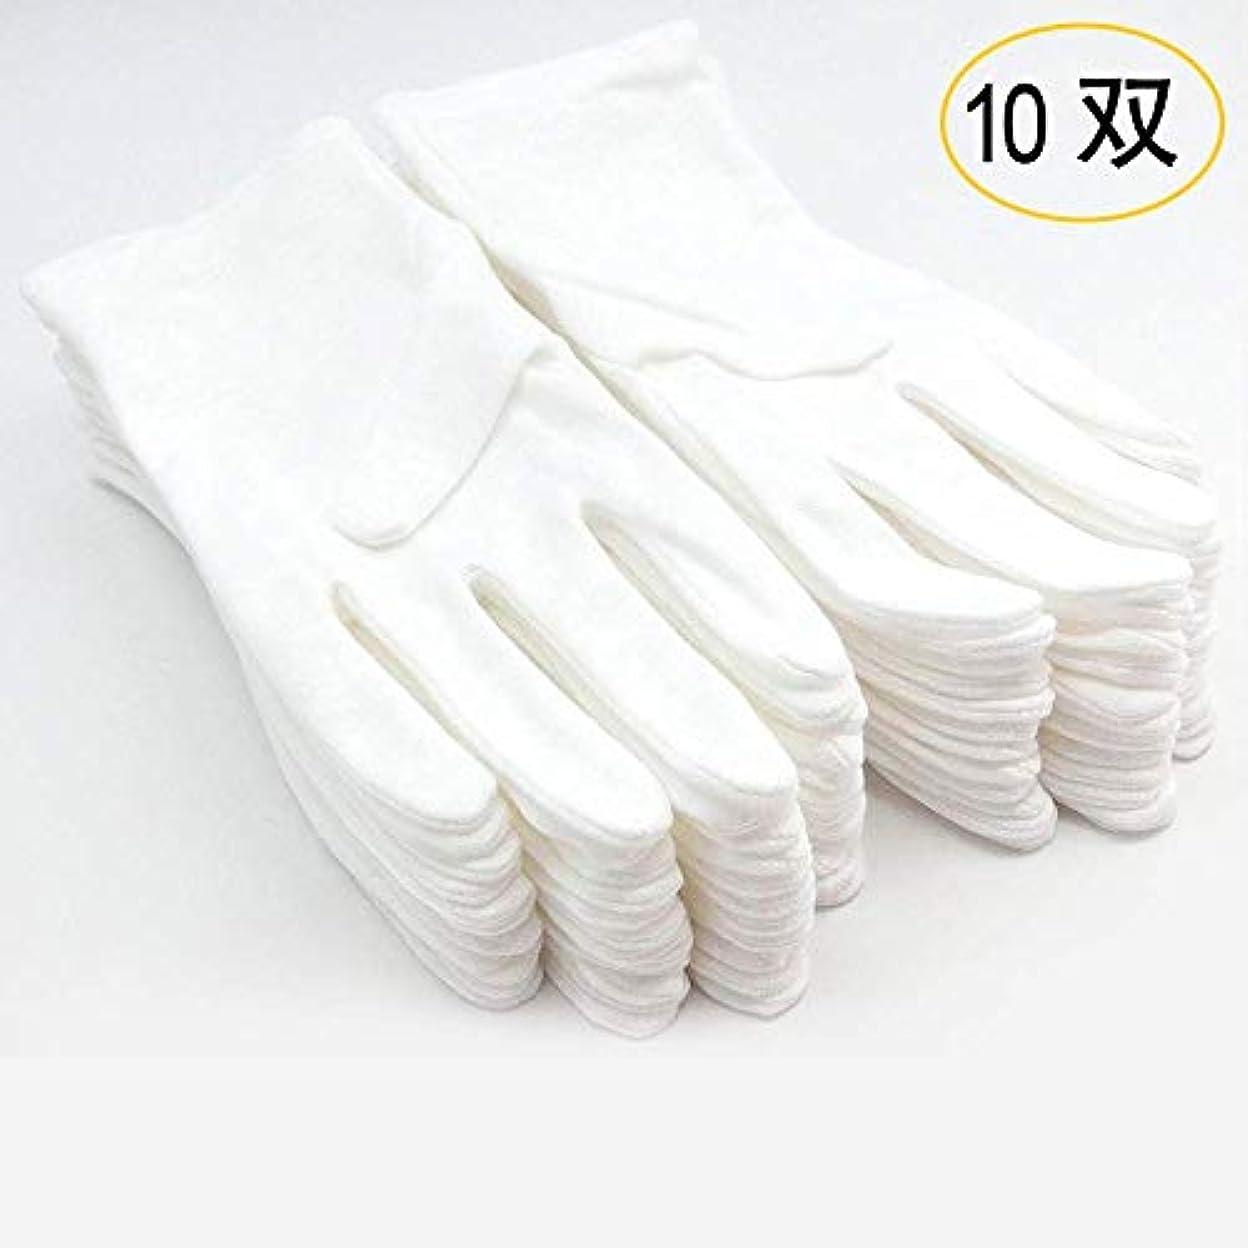 連続的キモいアプローチ綿手袋 純綿100% 通気性 コットン手袋 10双組